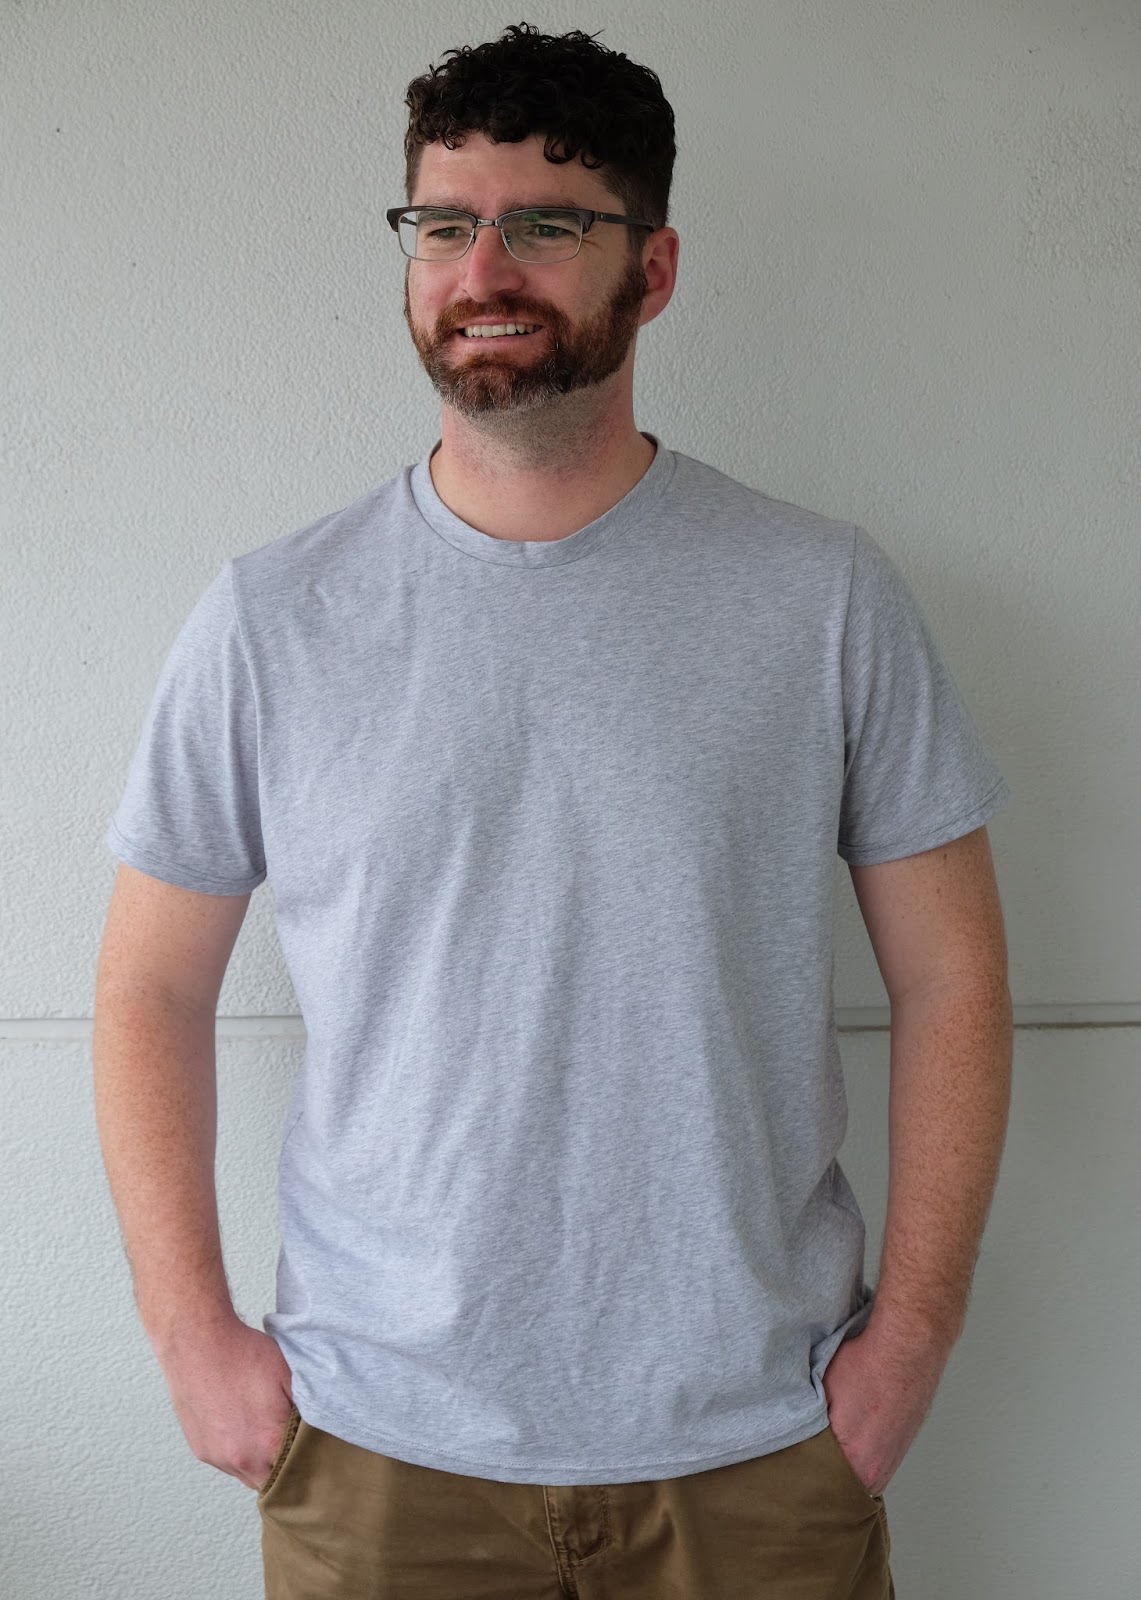 5642c431ef Mens Fashion Blog T Shirts - DREAMWORKS